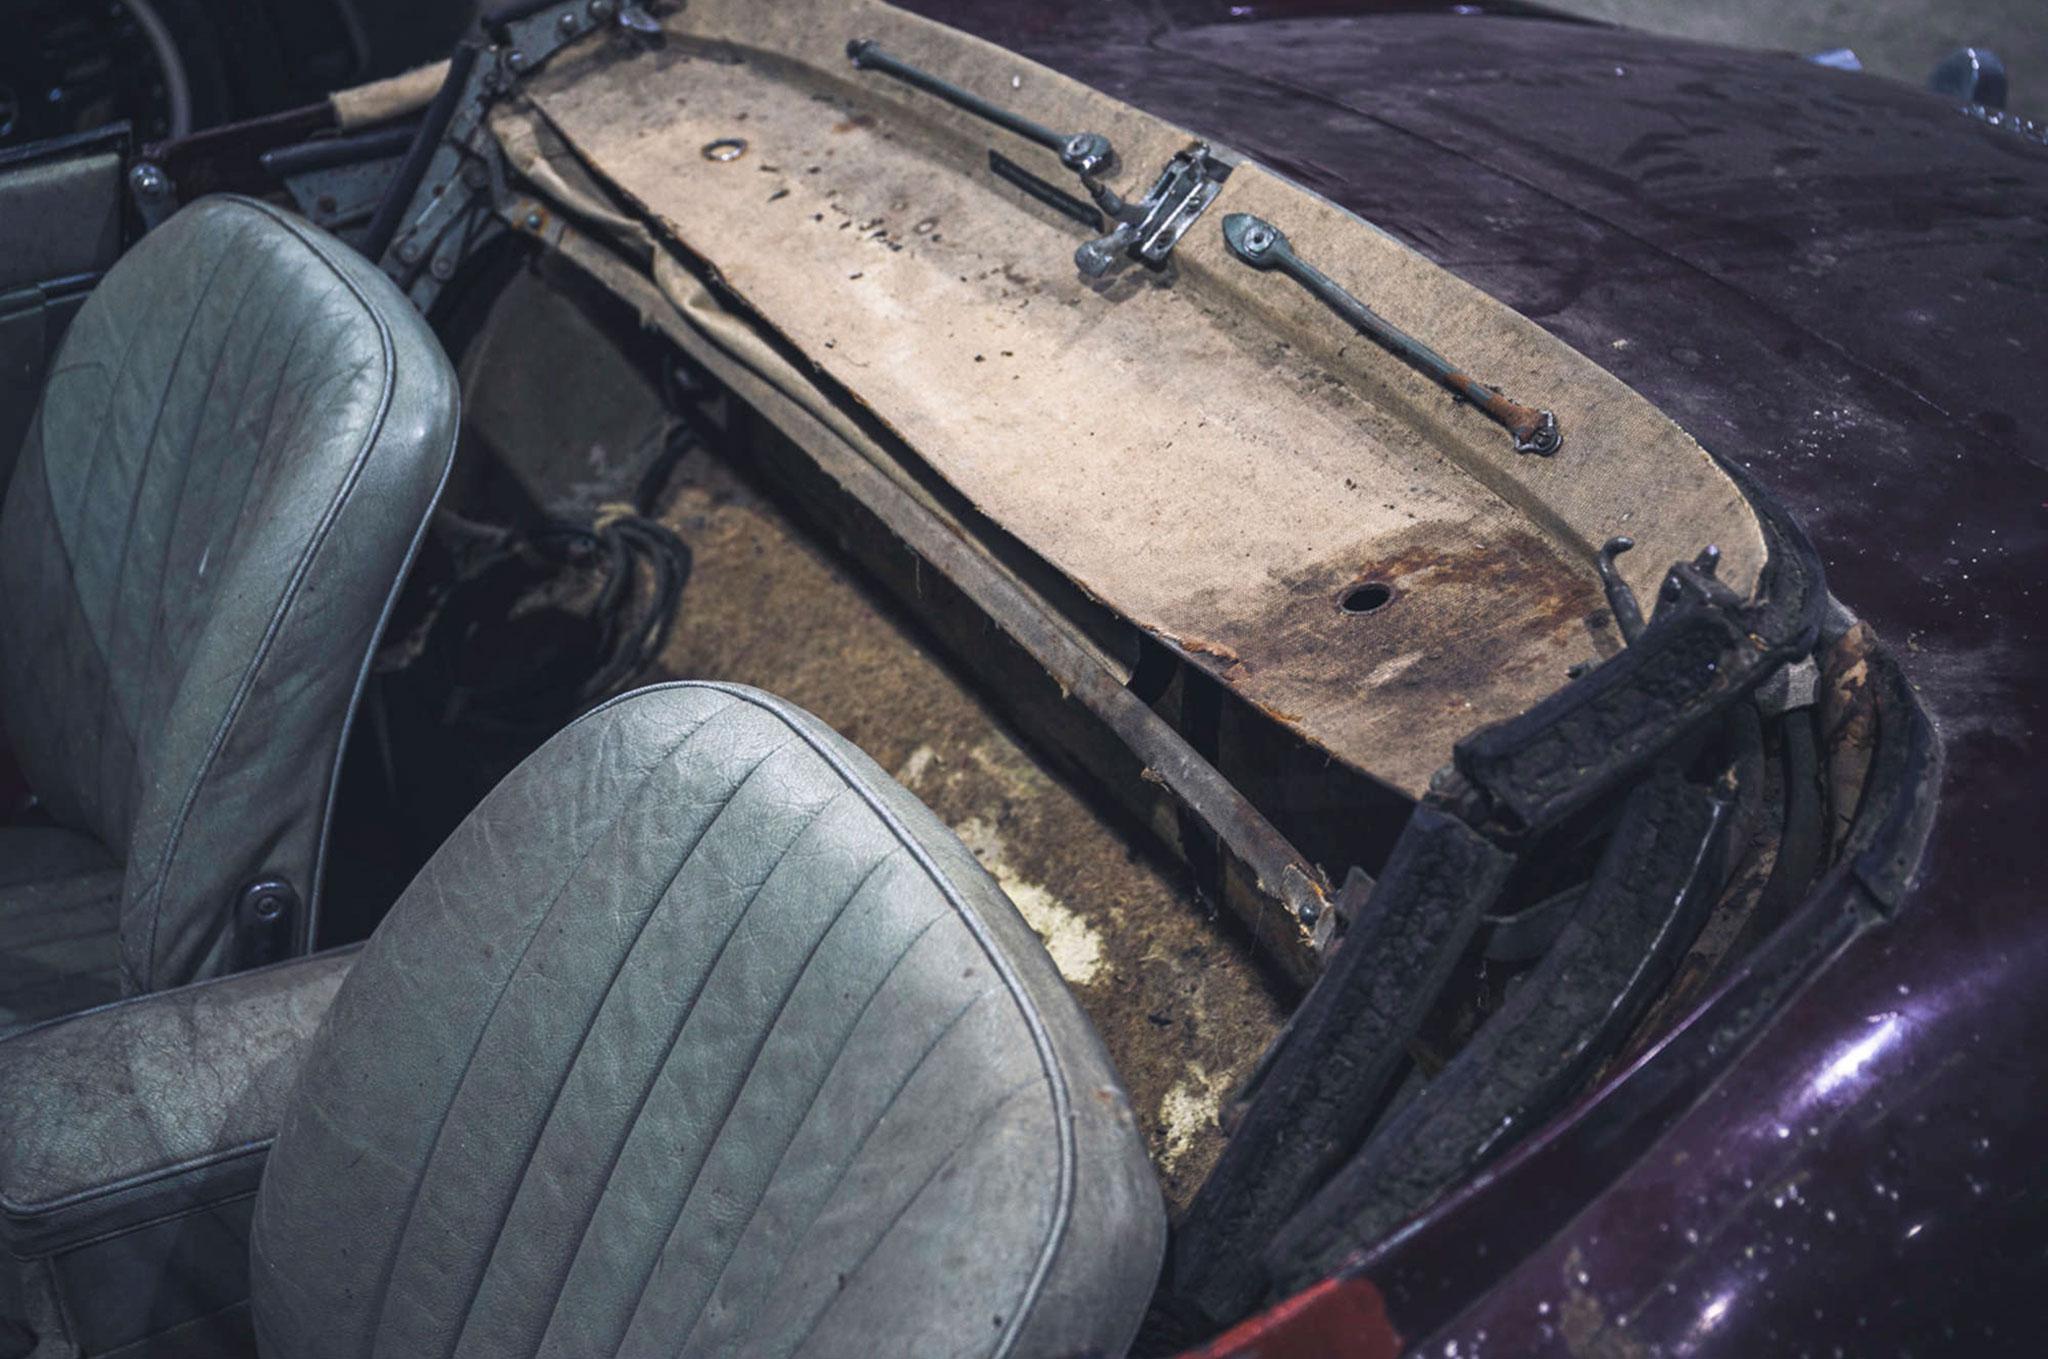 1964 Jaguar E-Type 2805 miles détail de la capote à changer